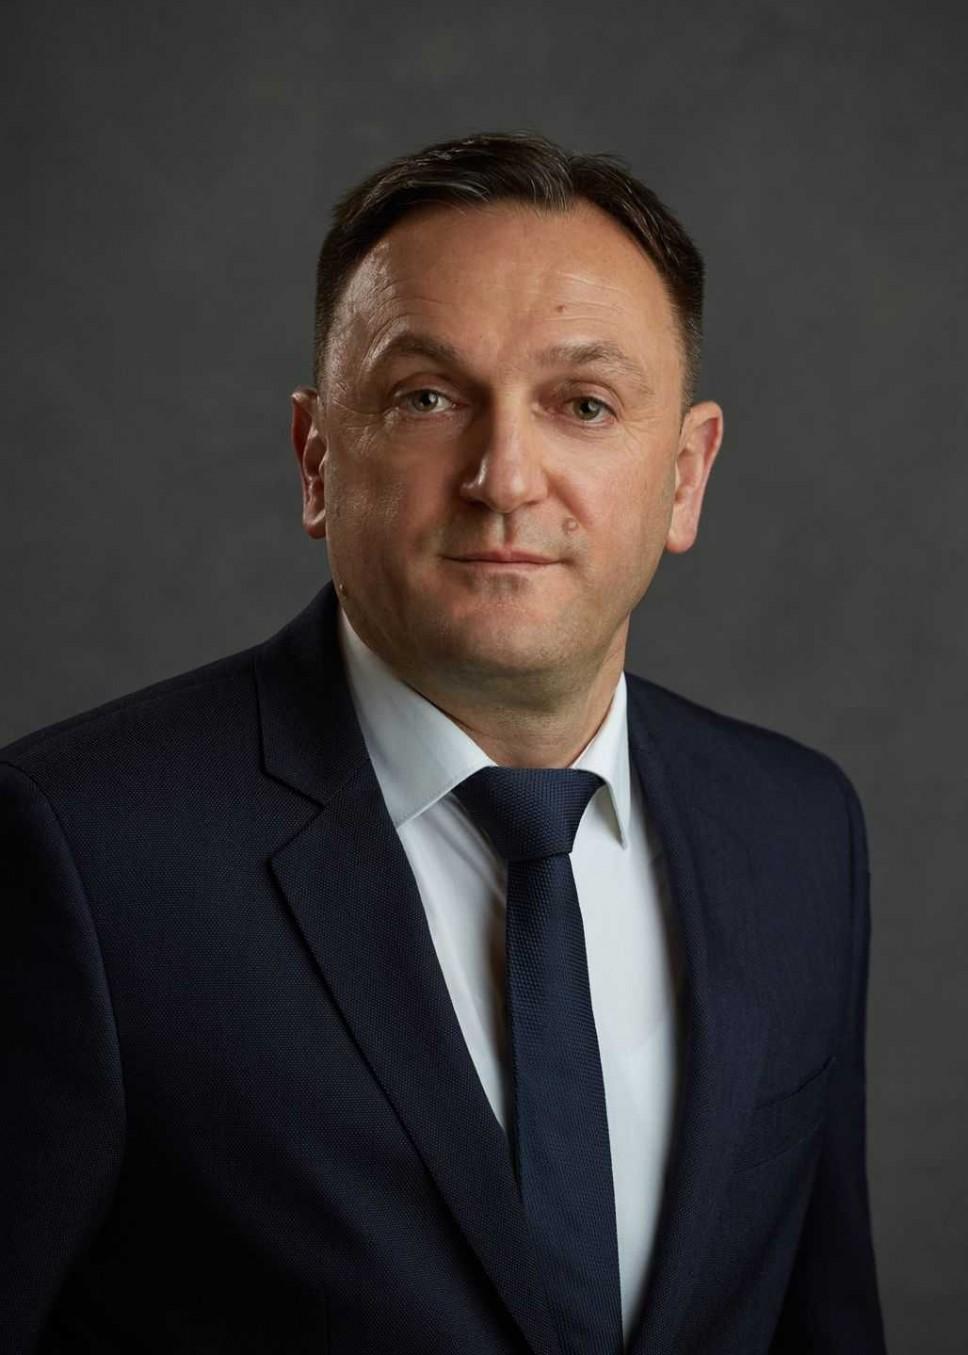 Biografija - Damjanović Milanko